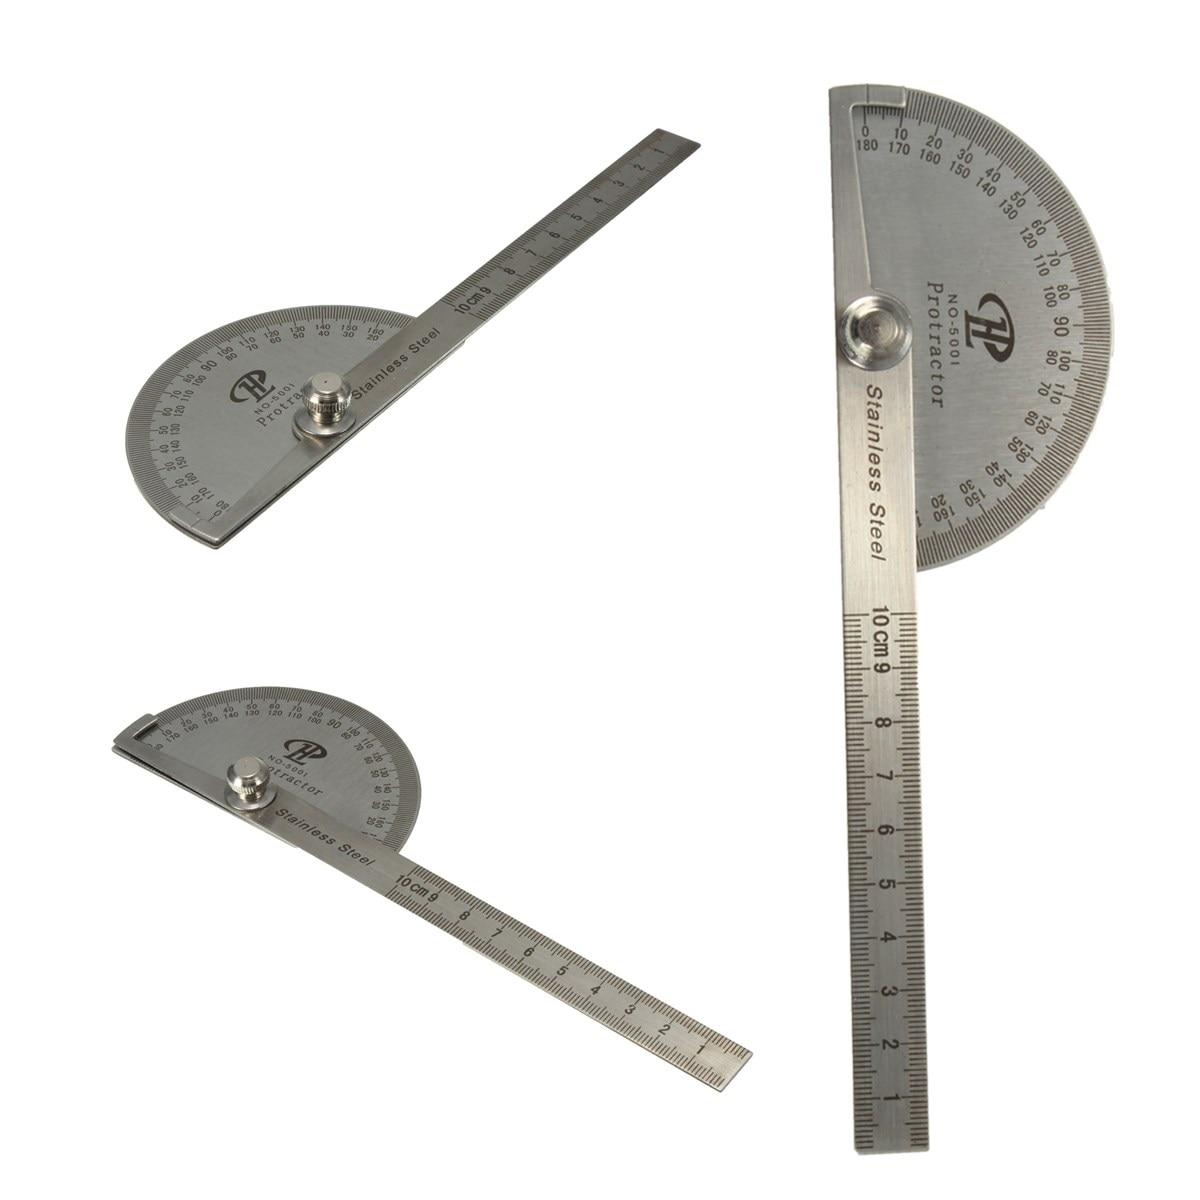 Нержавеющая стальной транспортир Угол Finder Arm измерительная круглая головка общий инструмент ремесленник правило линейка машинист инструмент-Гониометр